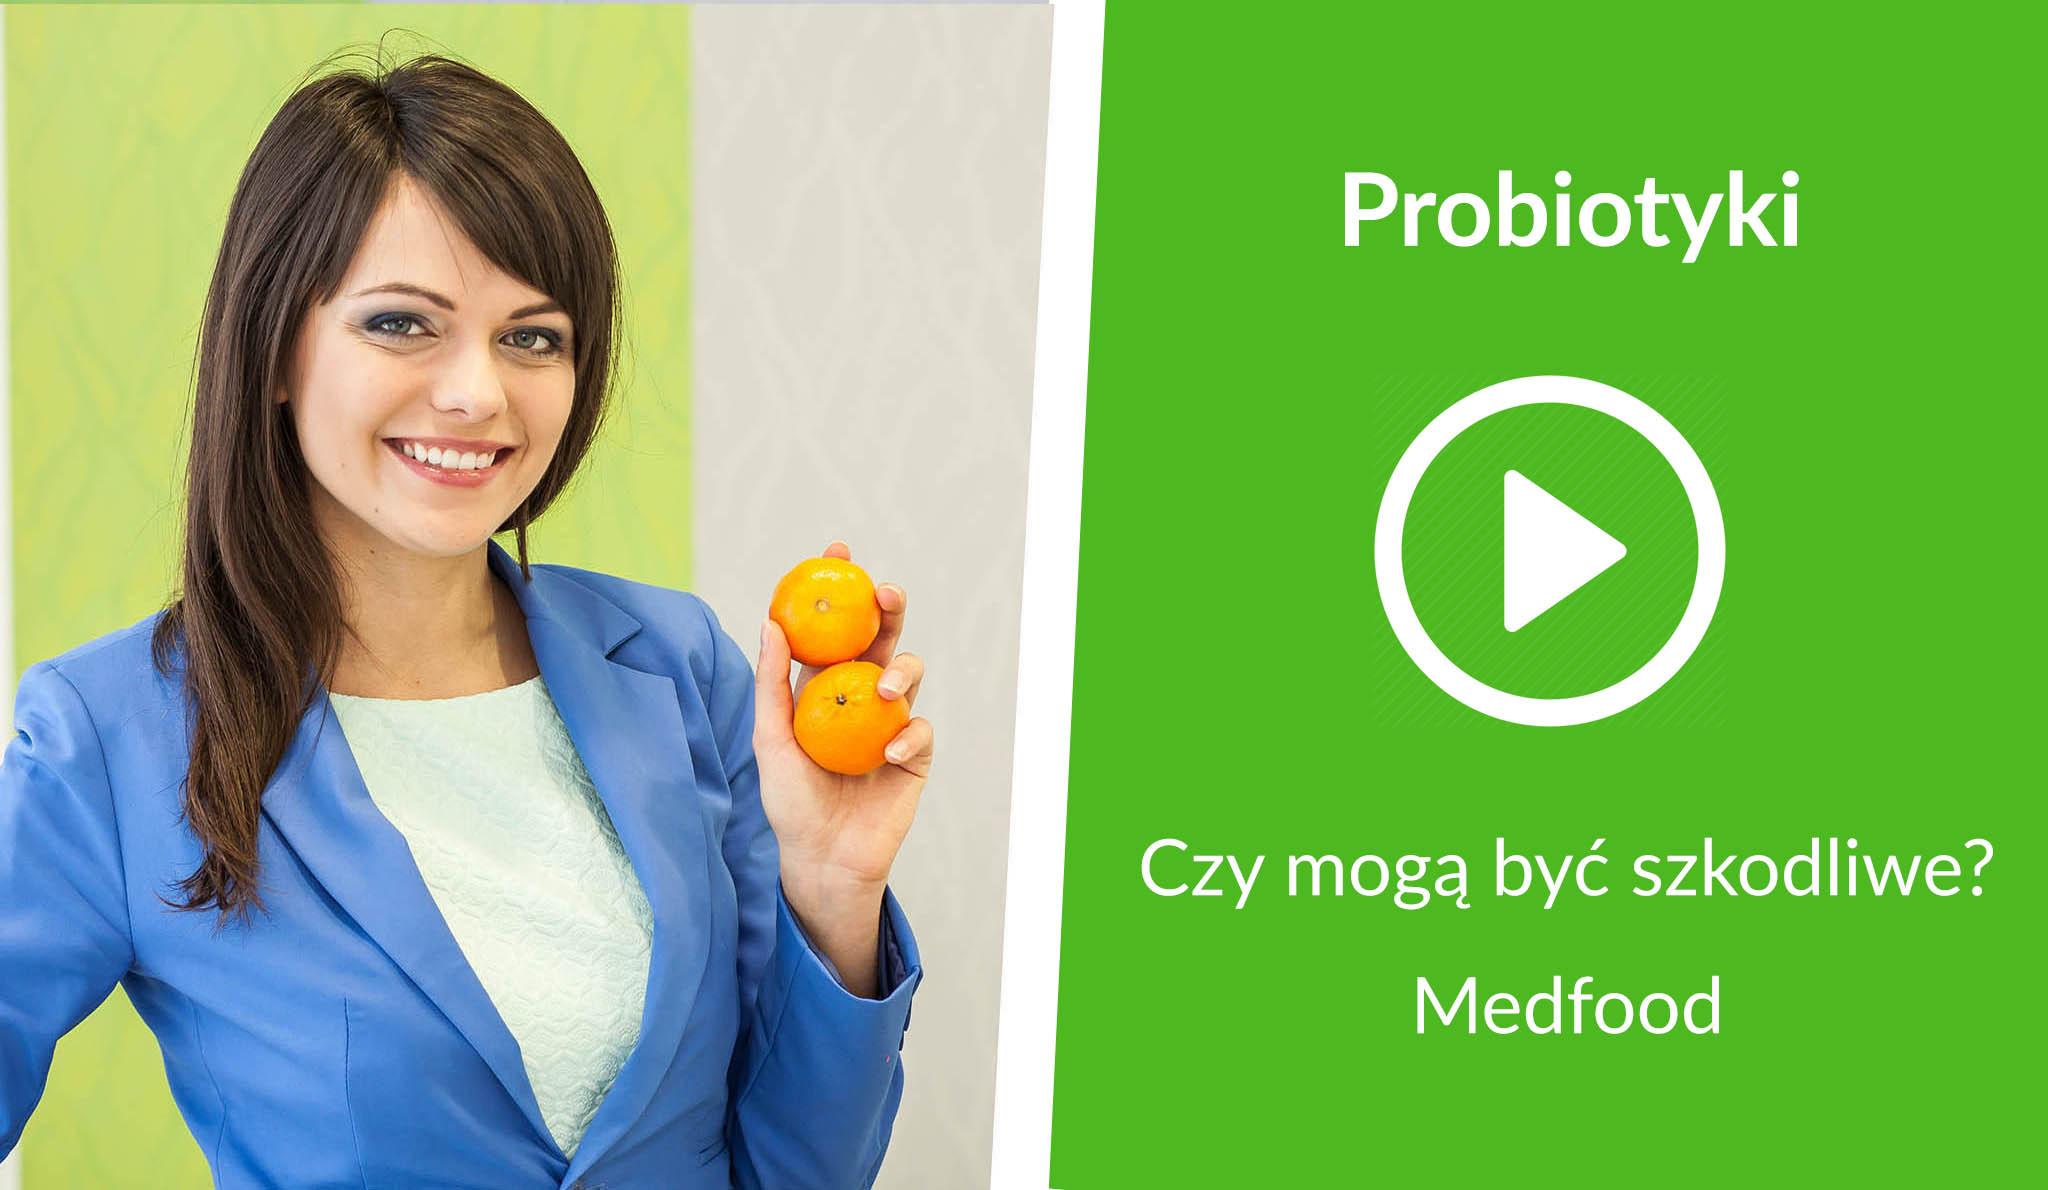 [Wideo] Medfood: Probiotyki – Czym są? Czy szkodzą?